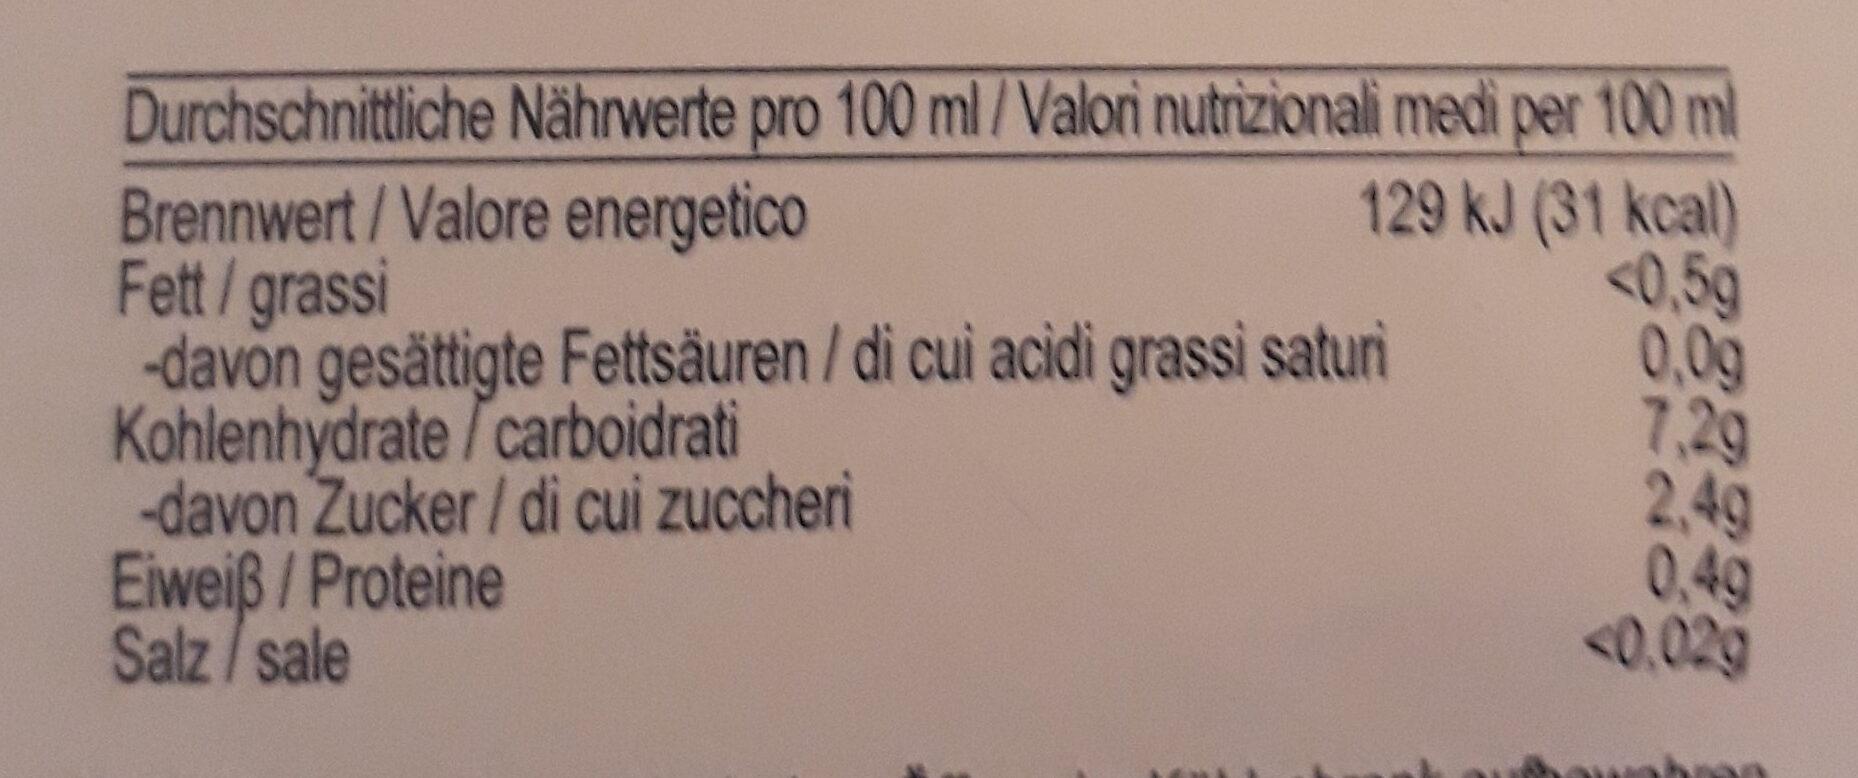 Zitronensaft - Nährwertangaben - de